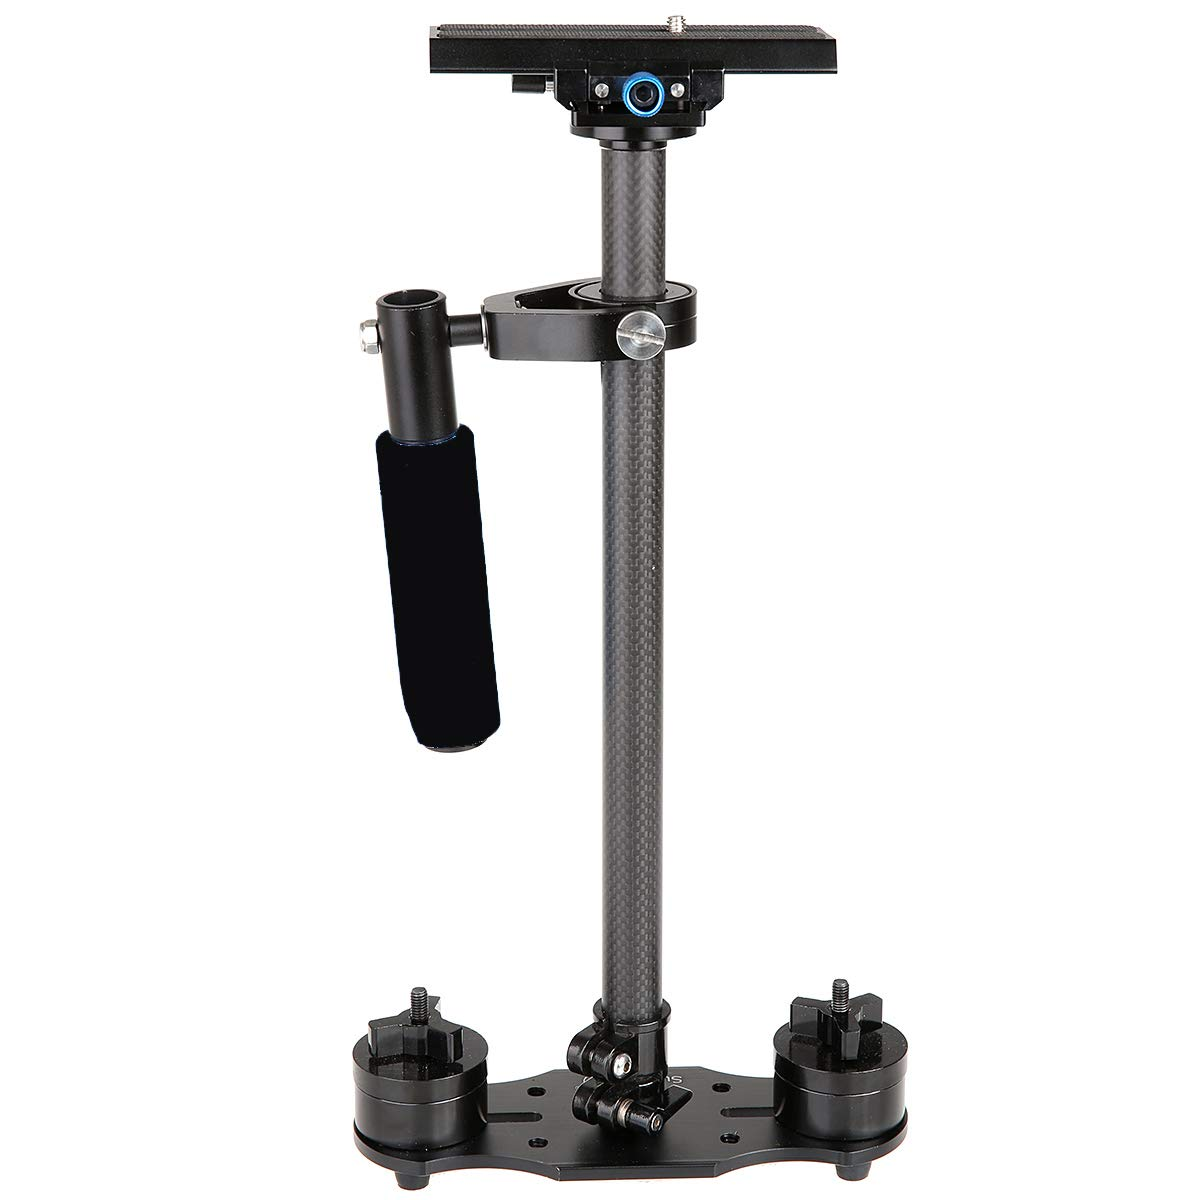 S-40 40cm カーボンファイバー ステディカム スタビライザー デジタル一眼レフカメラ用 (ブラック)   B07J12VDJX